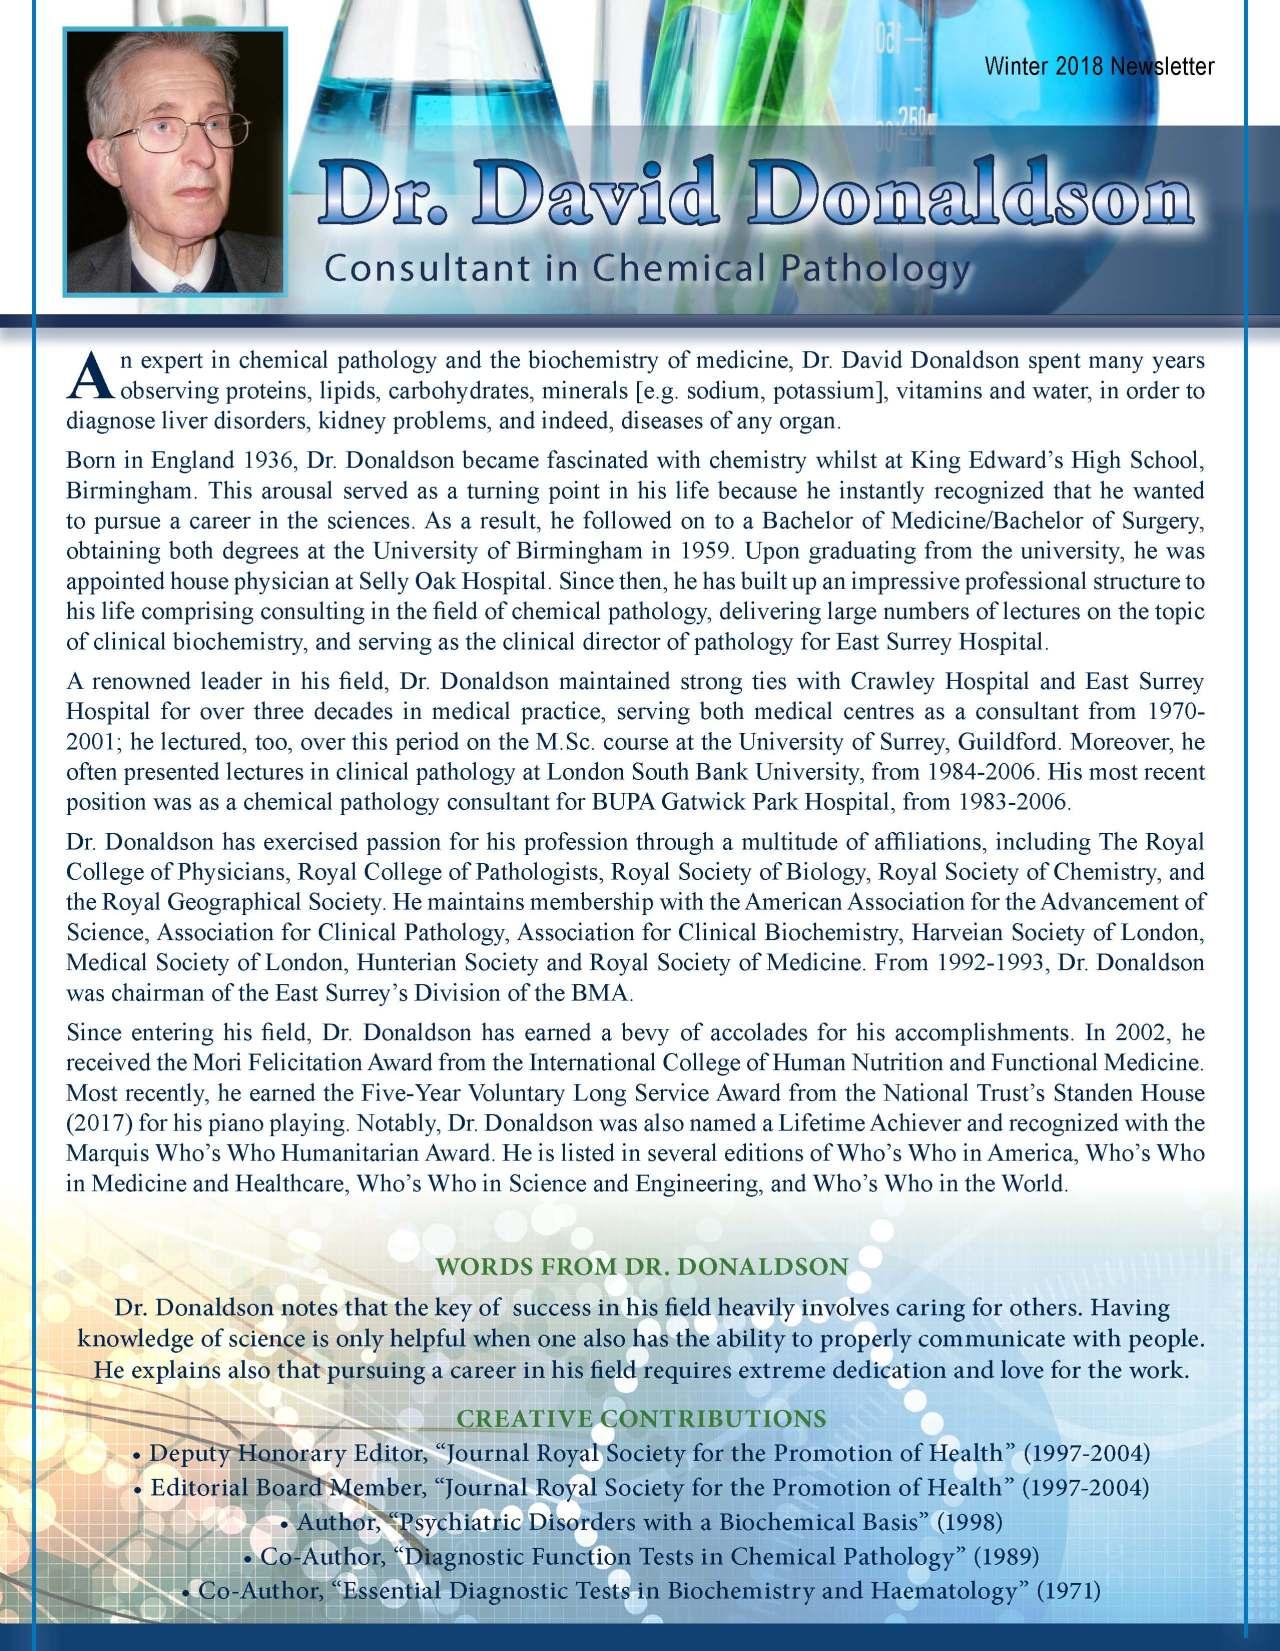 Donaldson, David 2183657_26579046 Newsletter REVISED